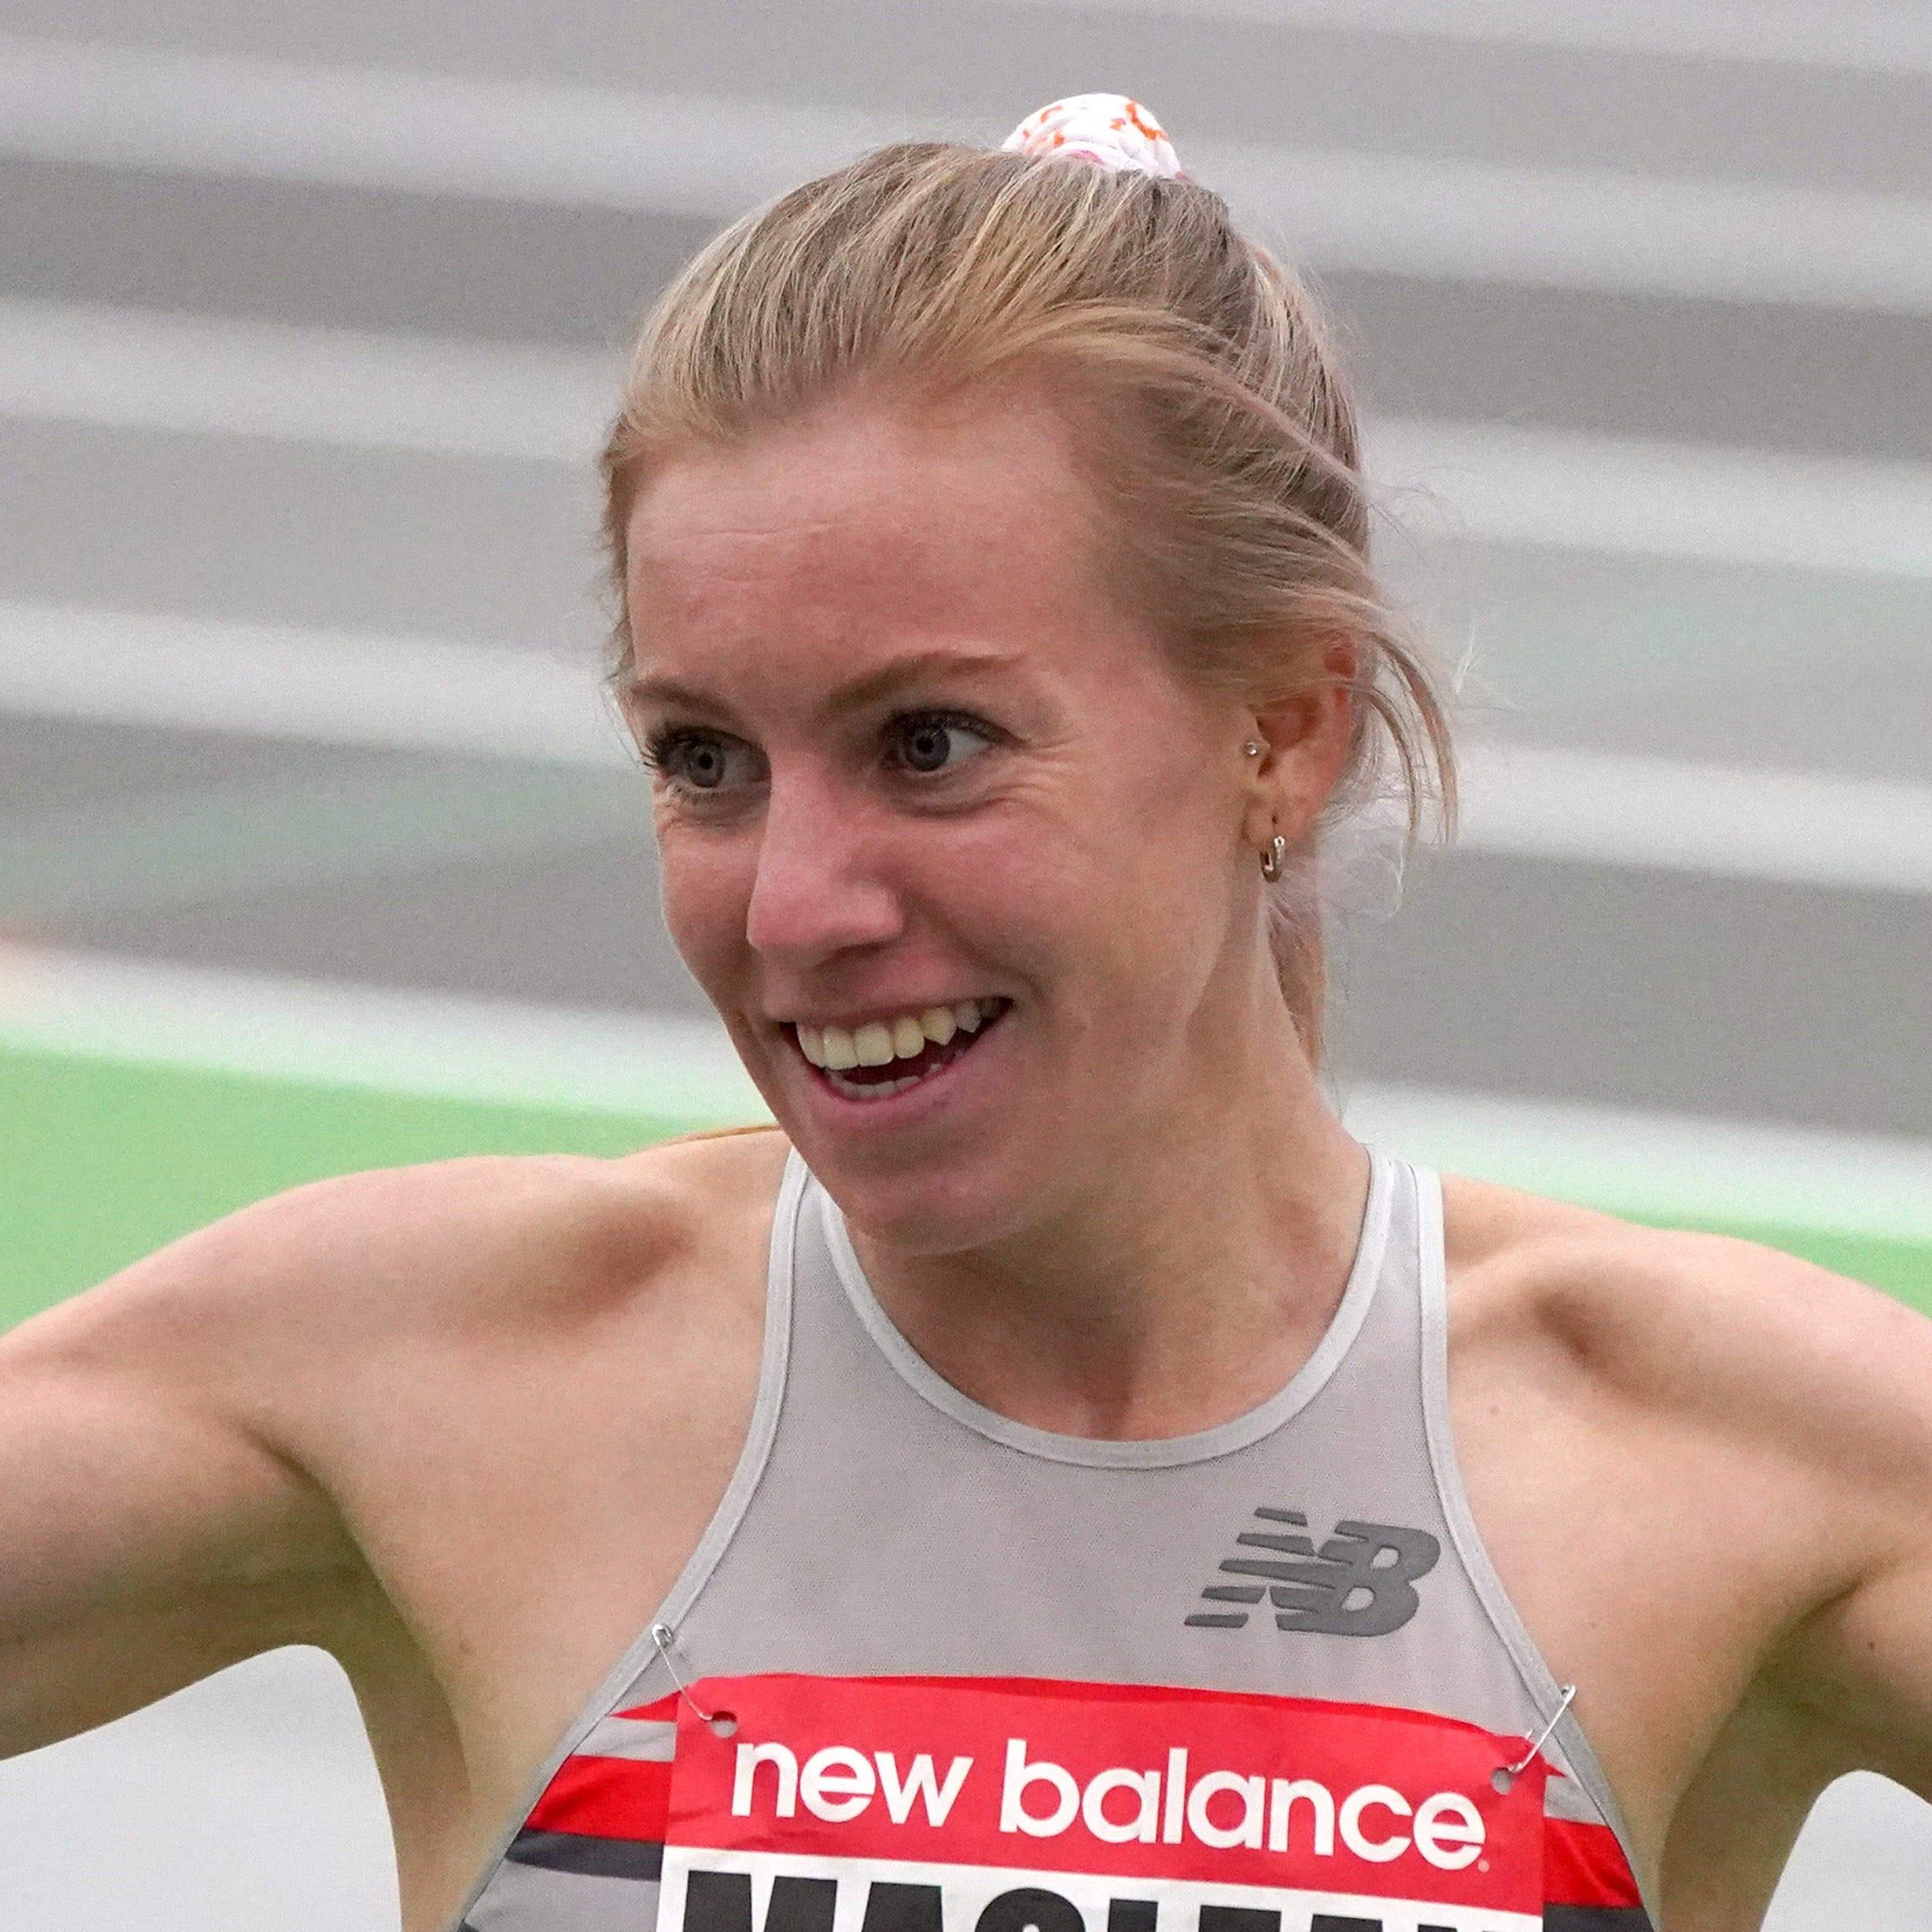 Heather MaClean